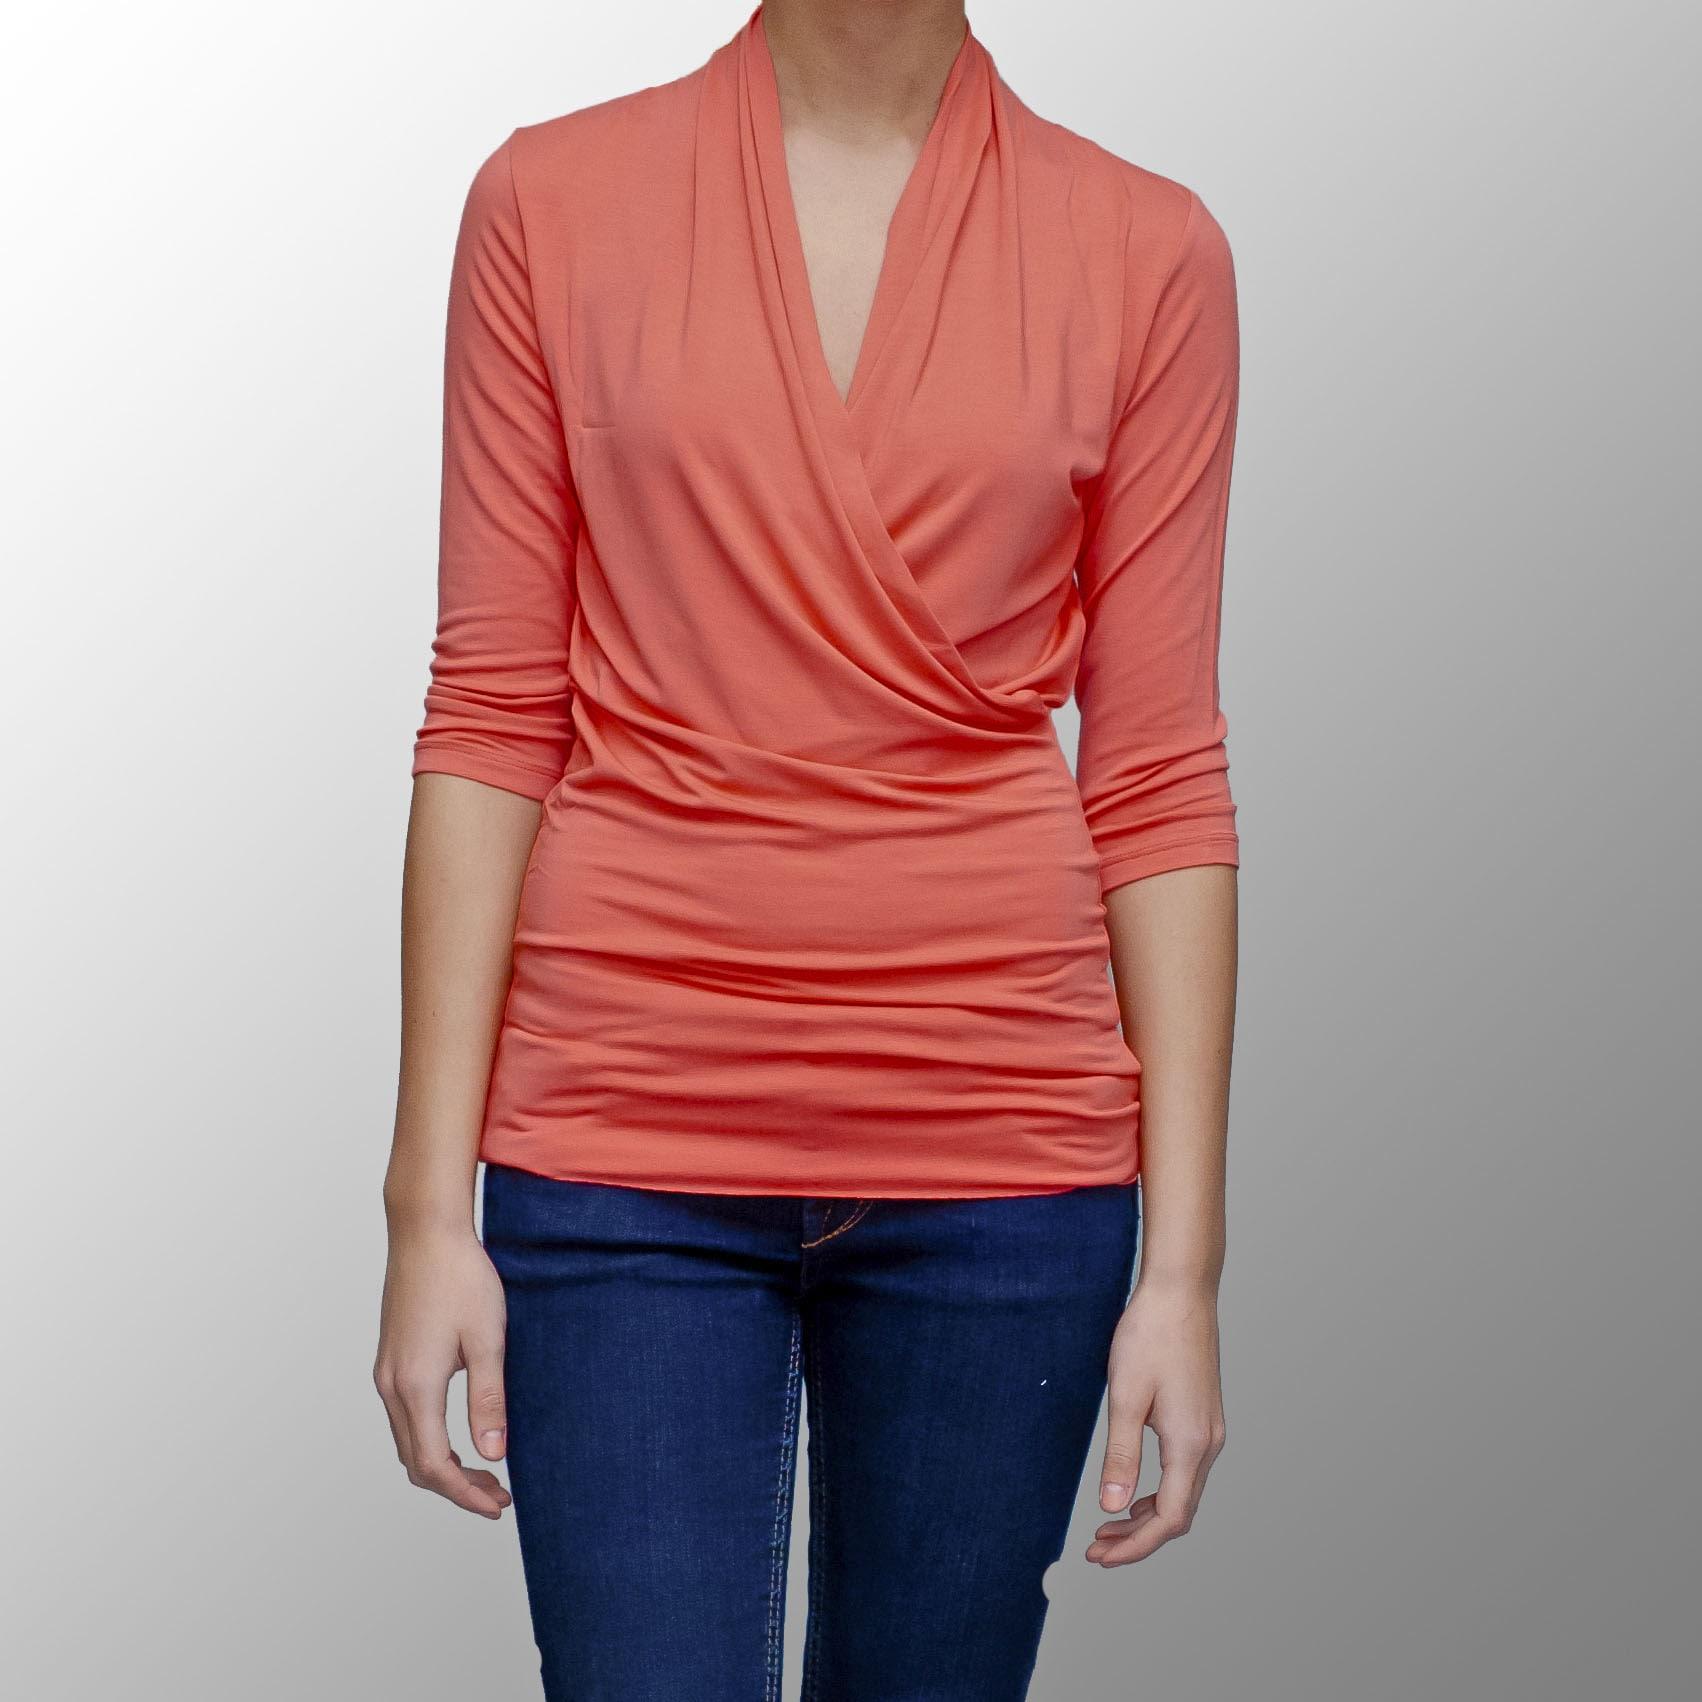 A to Z Women's Coral Modal Faux Wrap Top